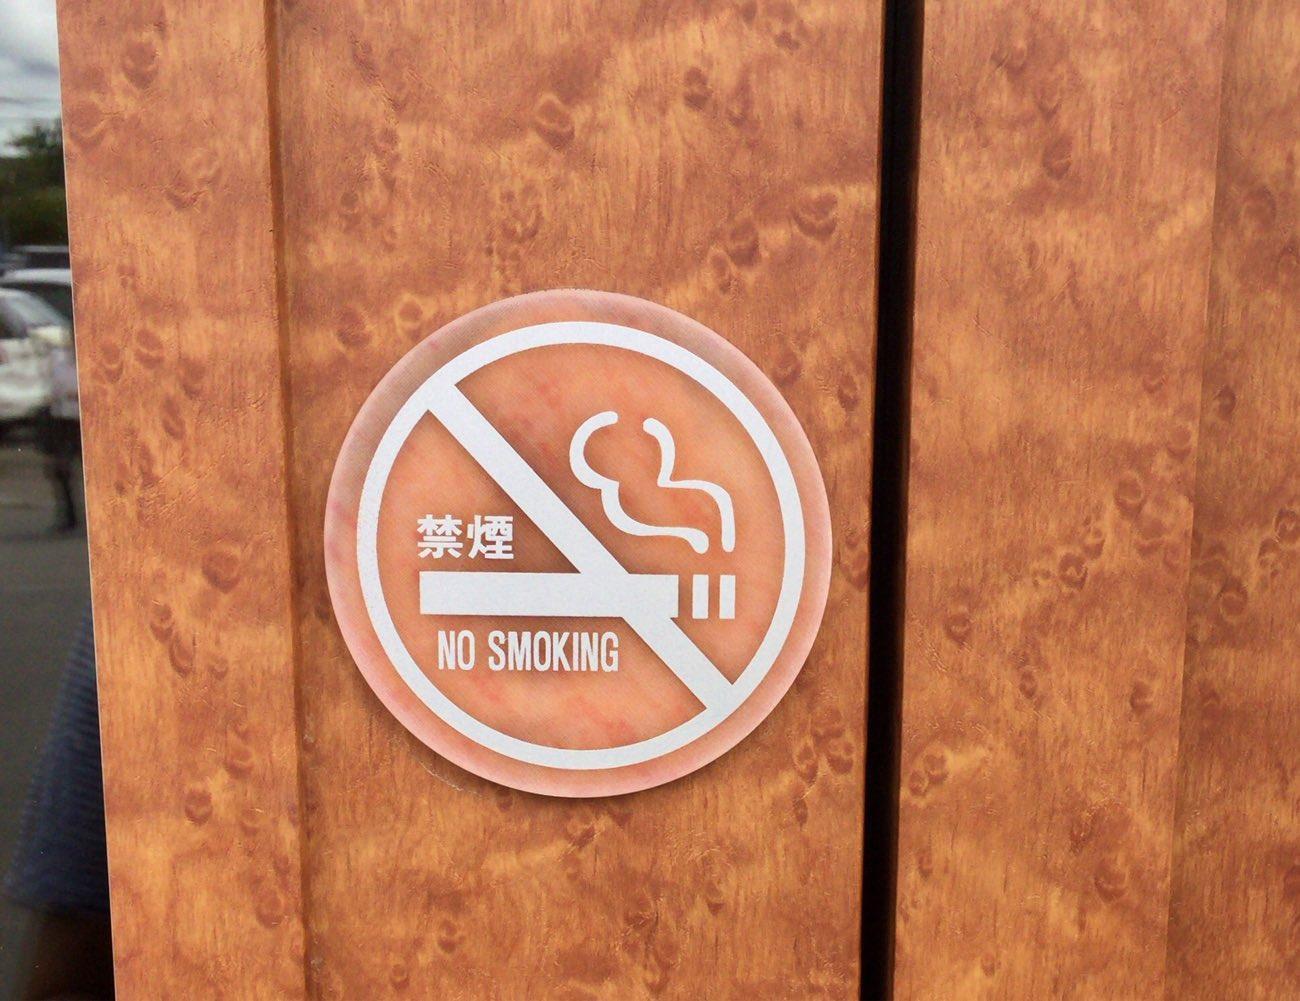 木多郎は完全禁煙